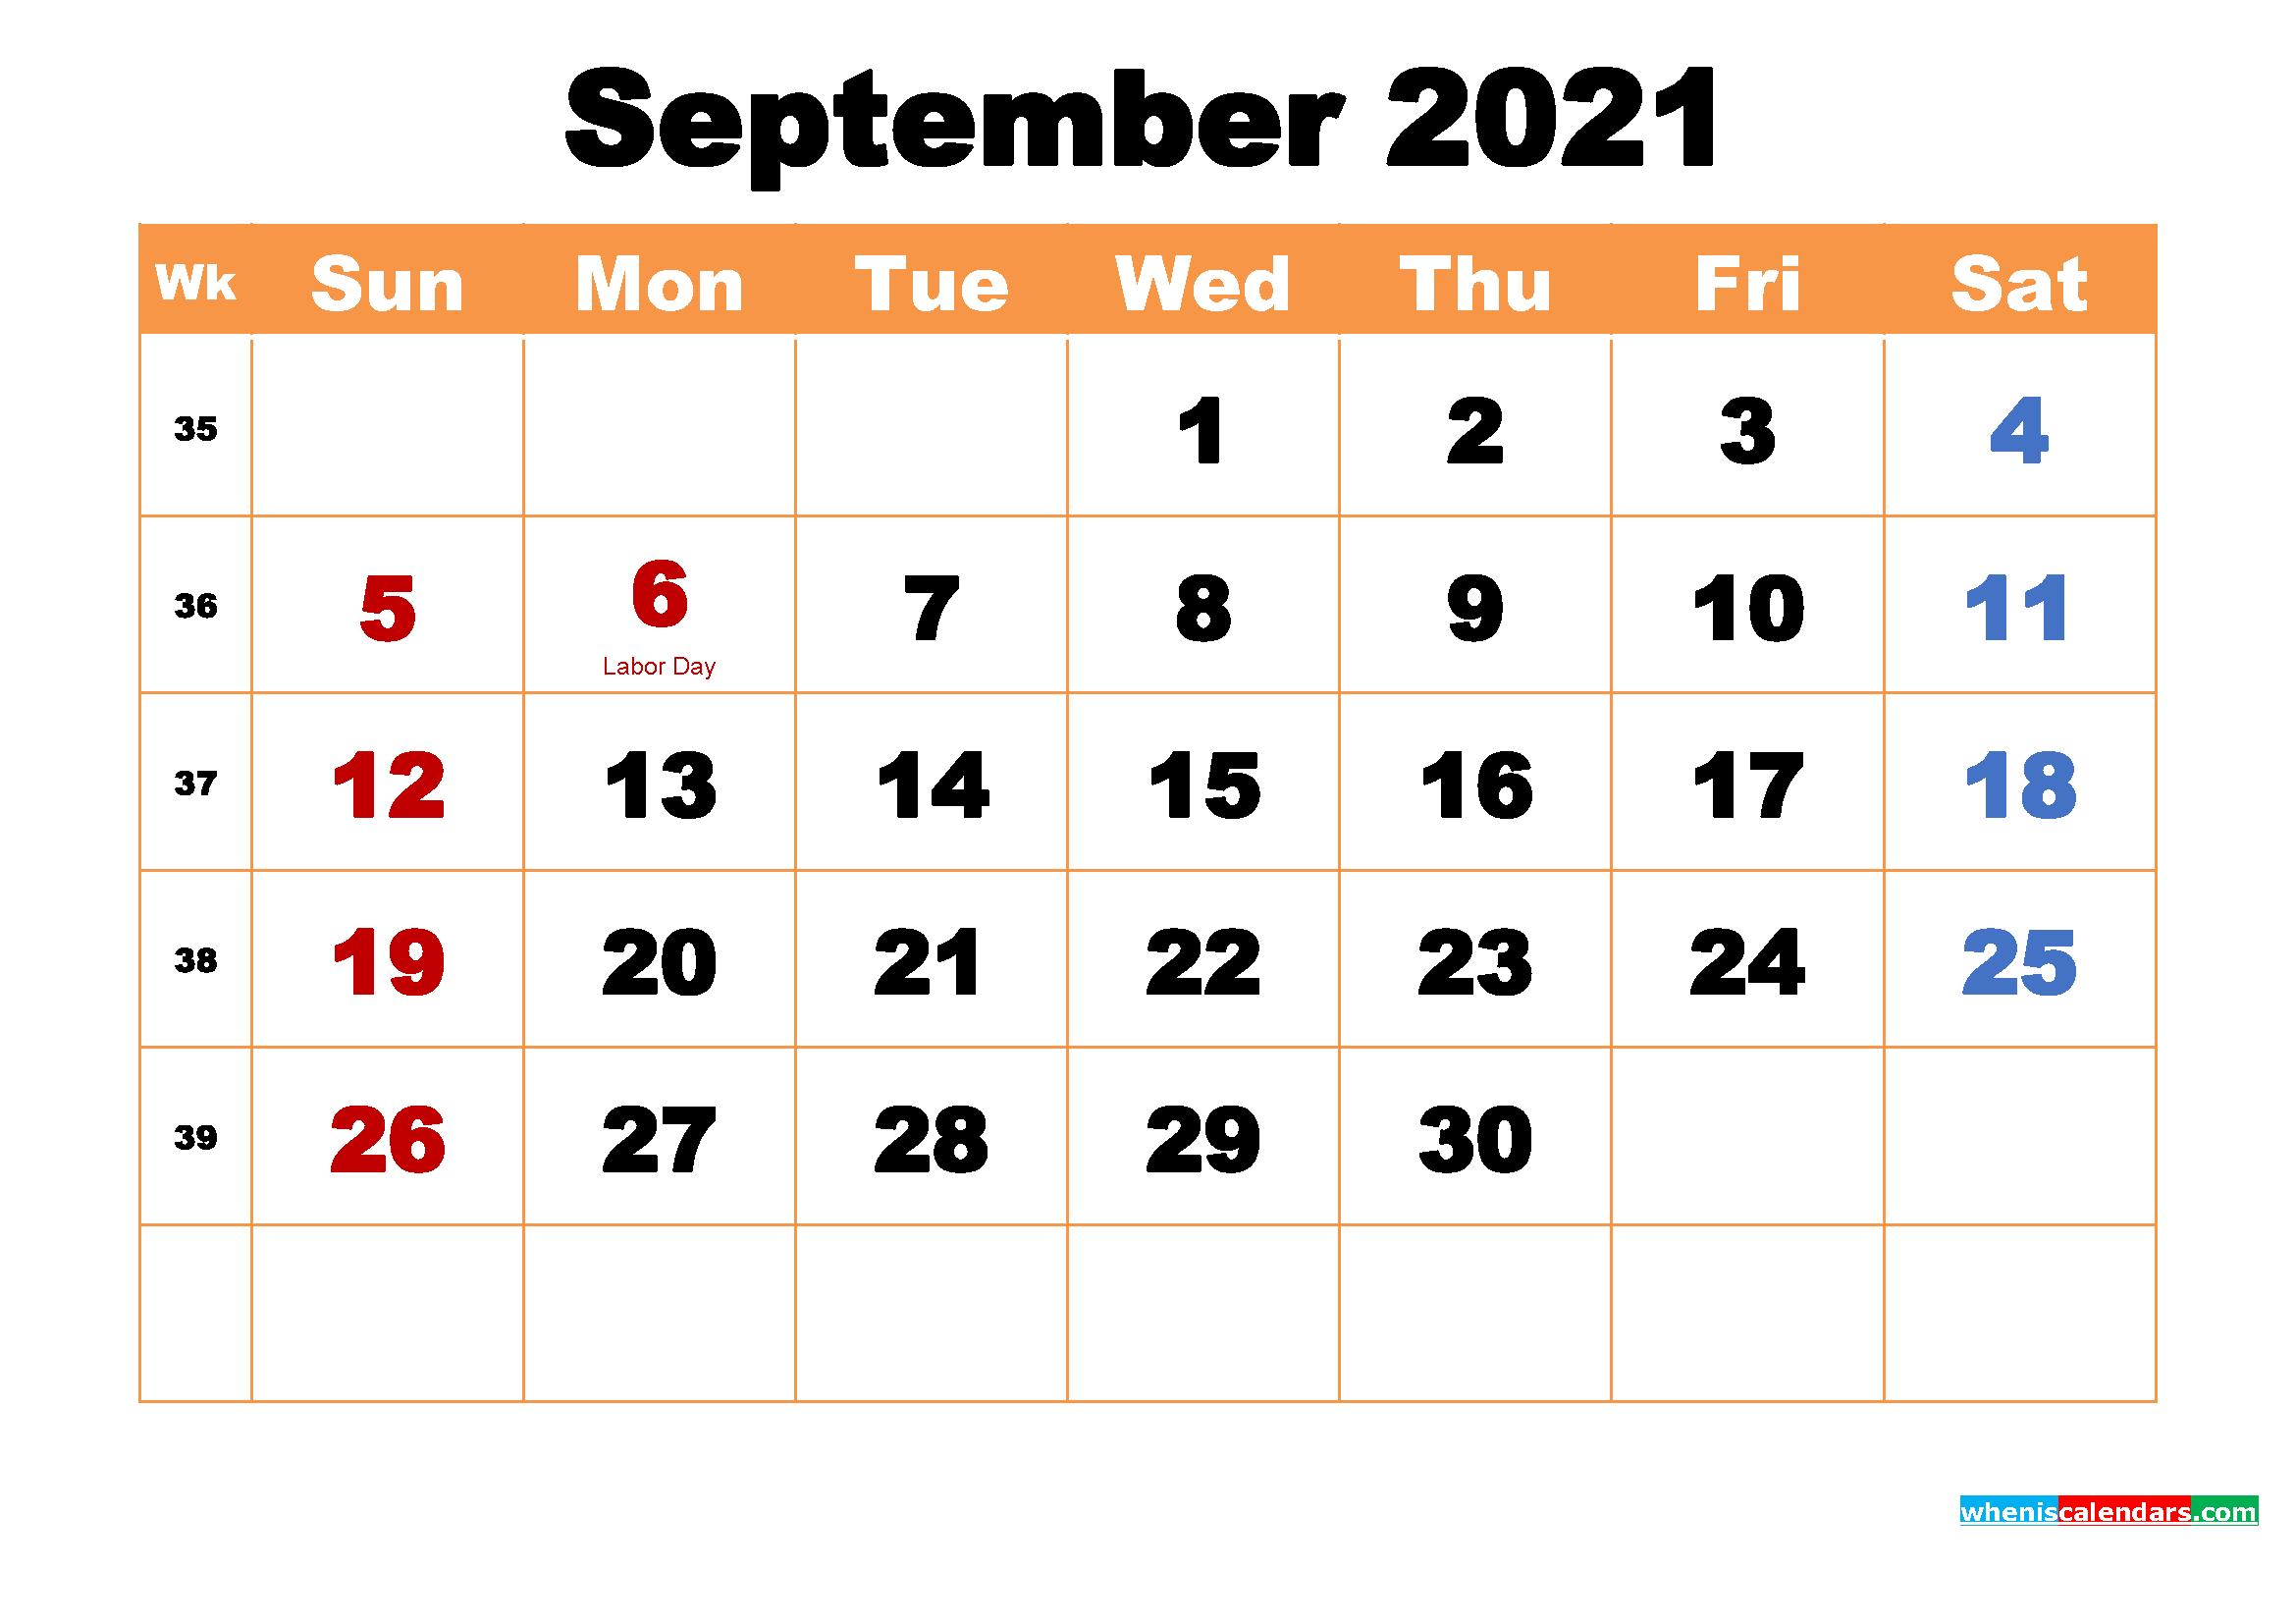 September 2021 Calendar Wallpaper High Resolution 2339x1654